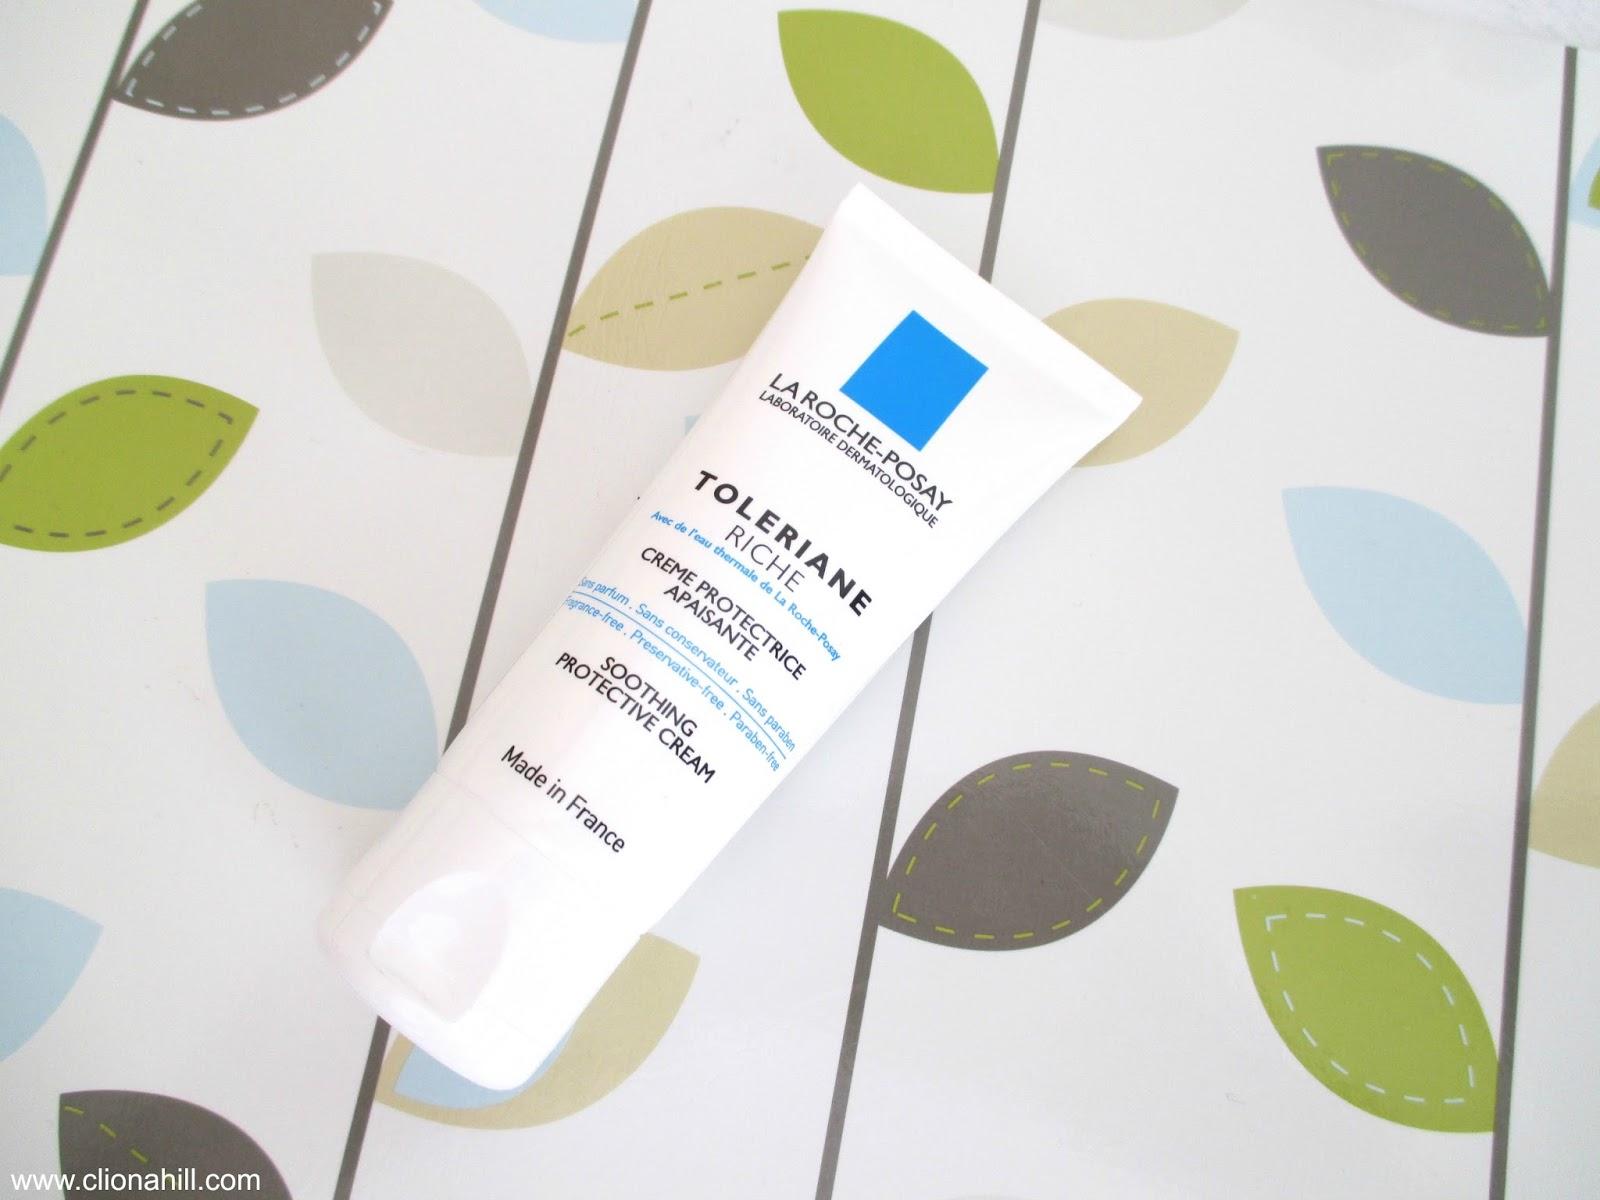 La Roche Posay Toleriane riche moisturiser